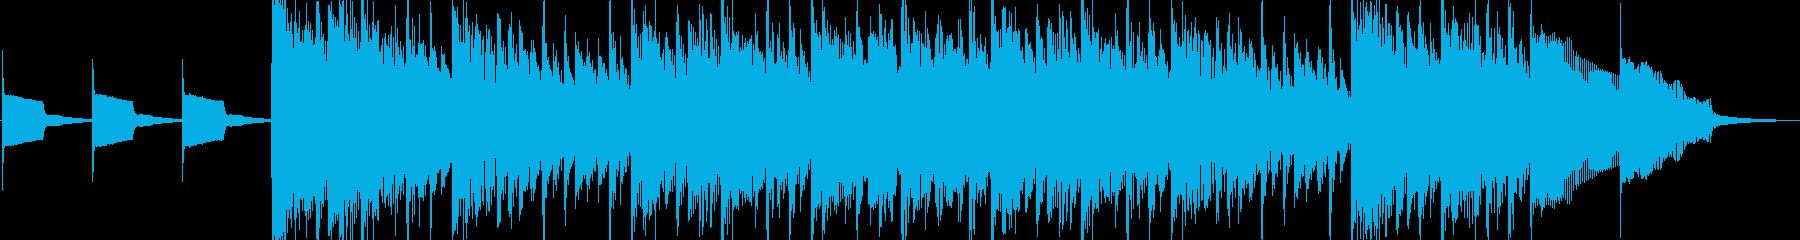 たいむしぐなる【20秒の短い曲】の再生済みの波形